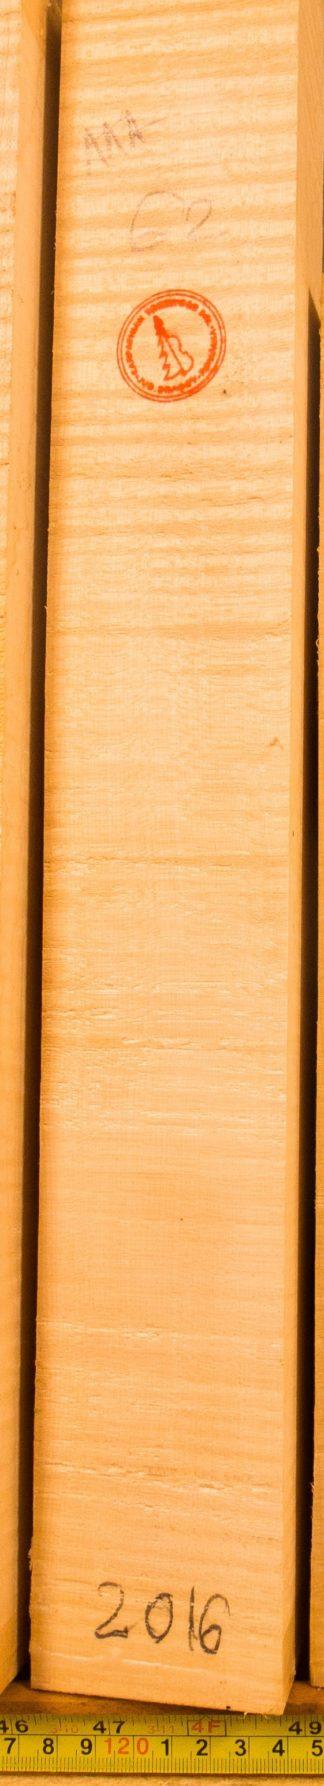 Violin No.62 Neck